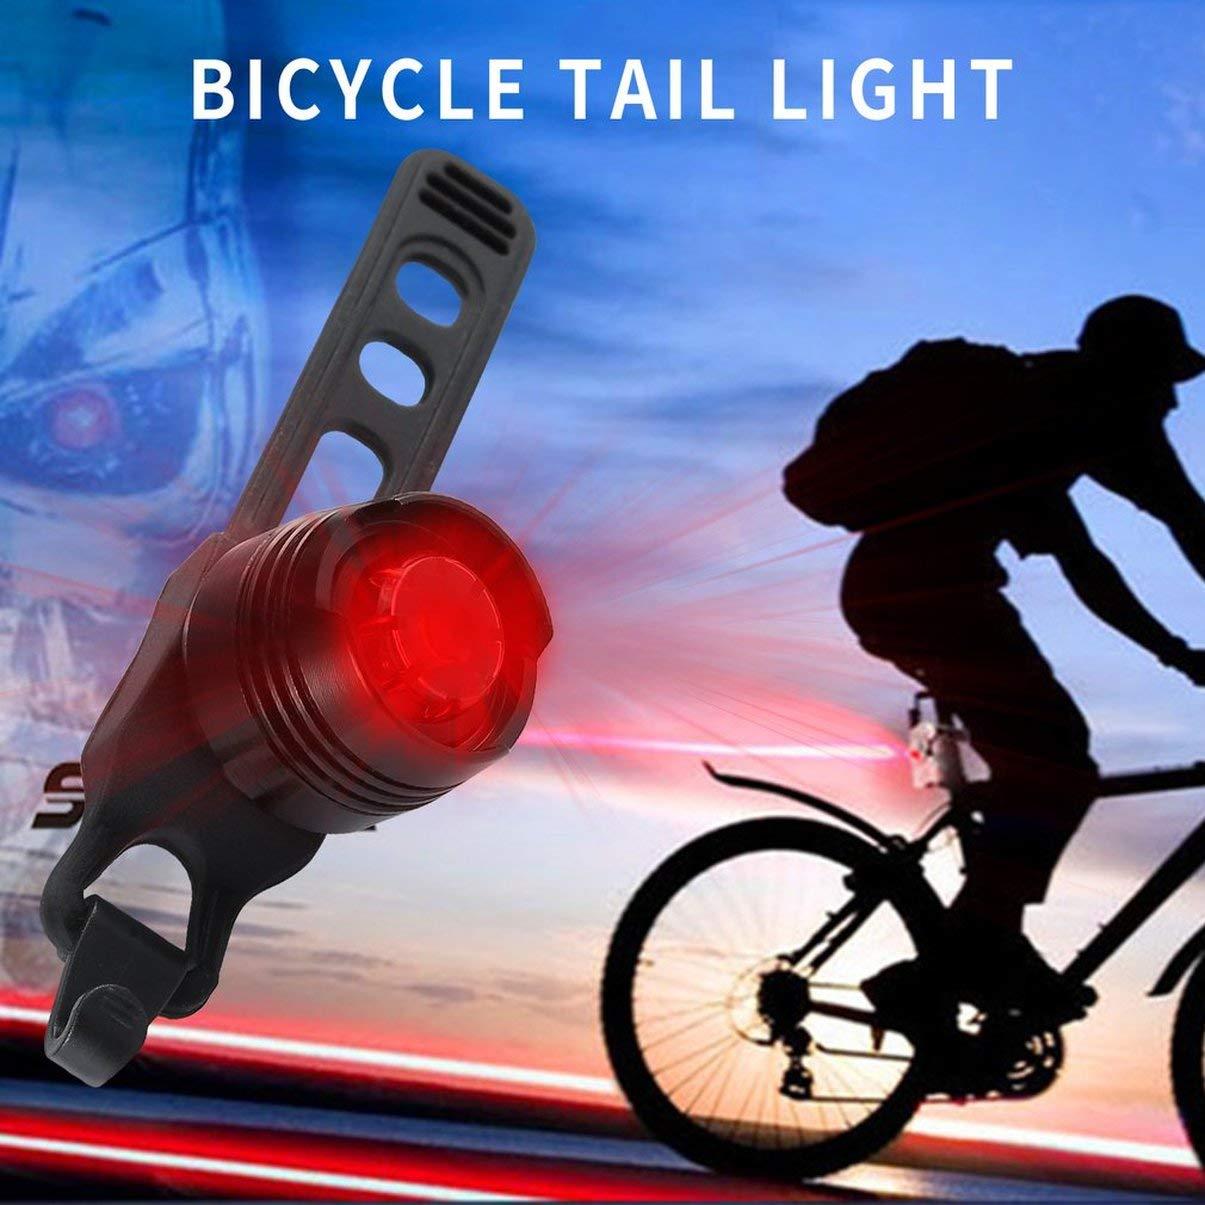 JullyeleEsgant LED Bicicleta Impermeable Casco Trasero Bicicleta Luces de Destello Rojas Lámpara de Advertencia de Seguridad Ciclismo Precaución Luz ...